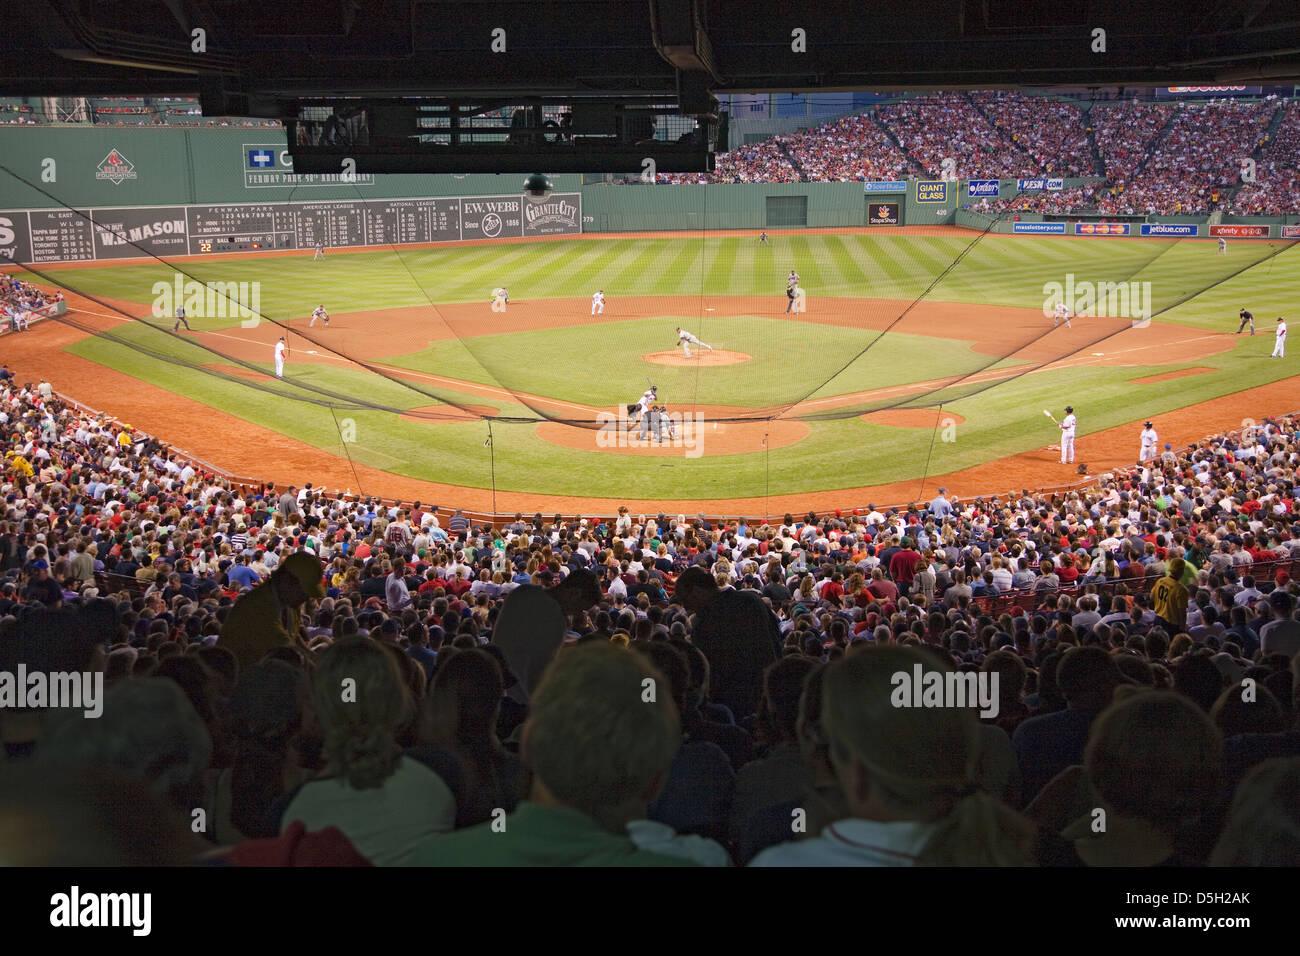 Fenway Park Boston Stock Photos & Fenway Park Boston Stock Images ...